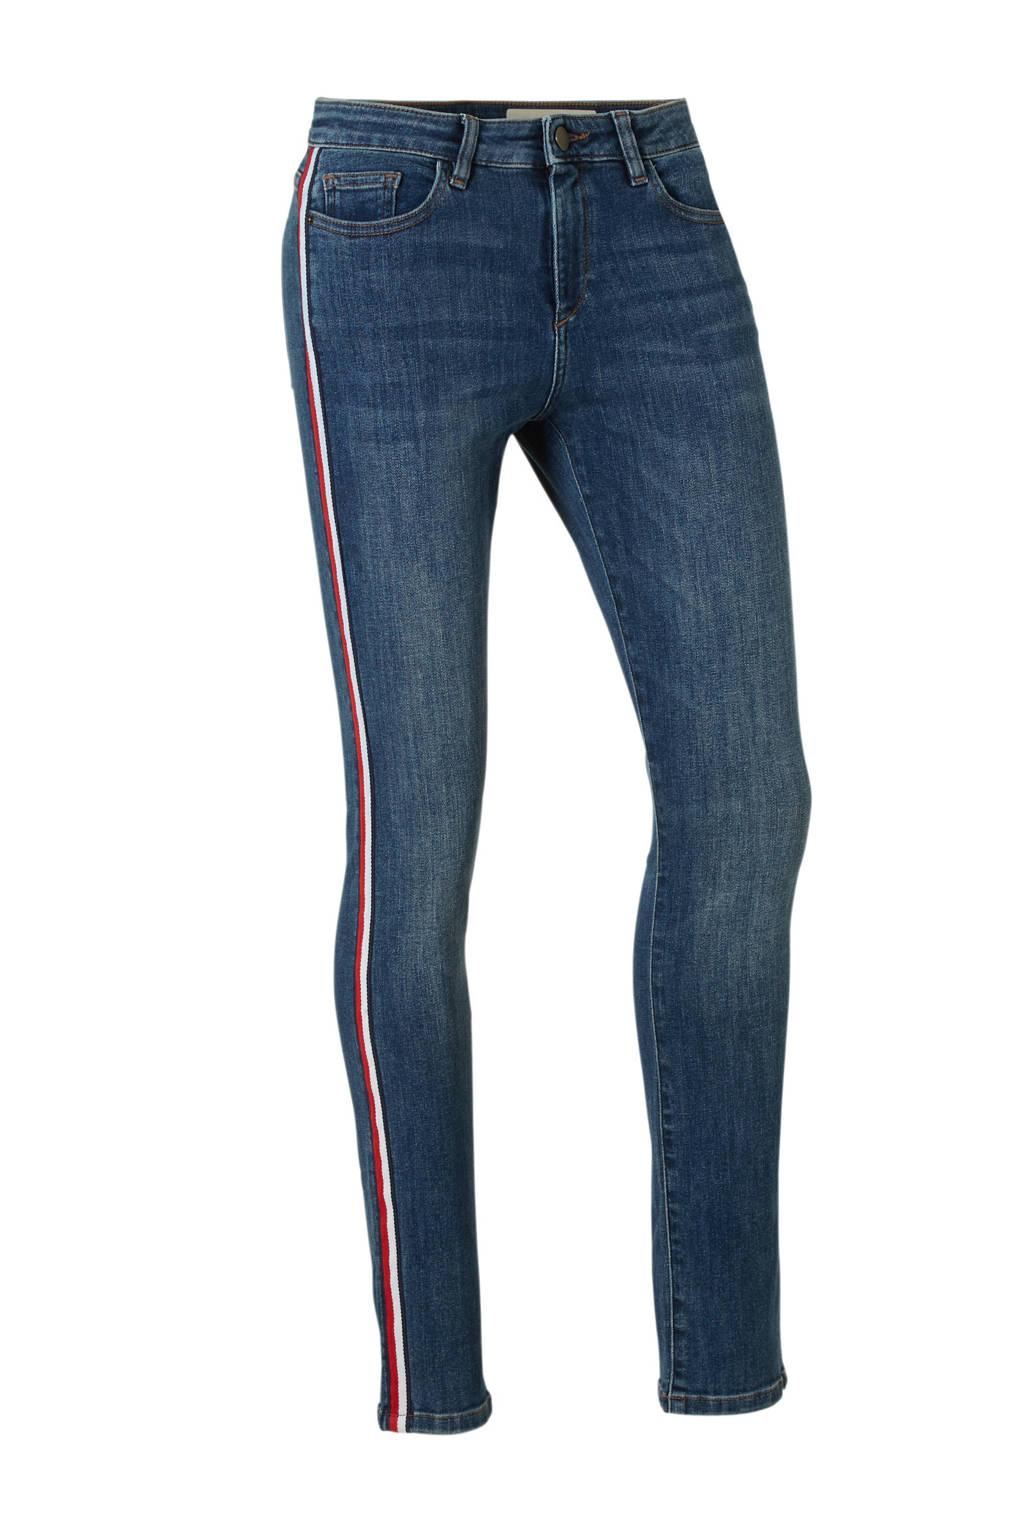 ESPRIT Women Casual skinny jeans met zij strepen, Blauw/rood/wit